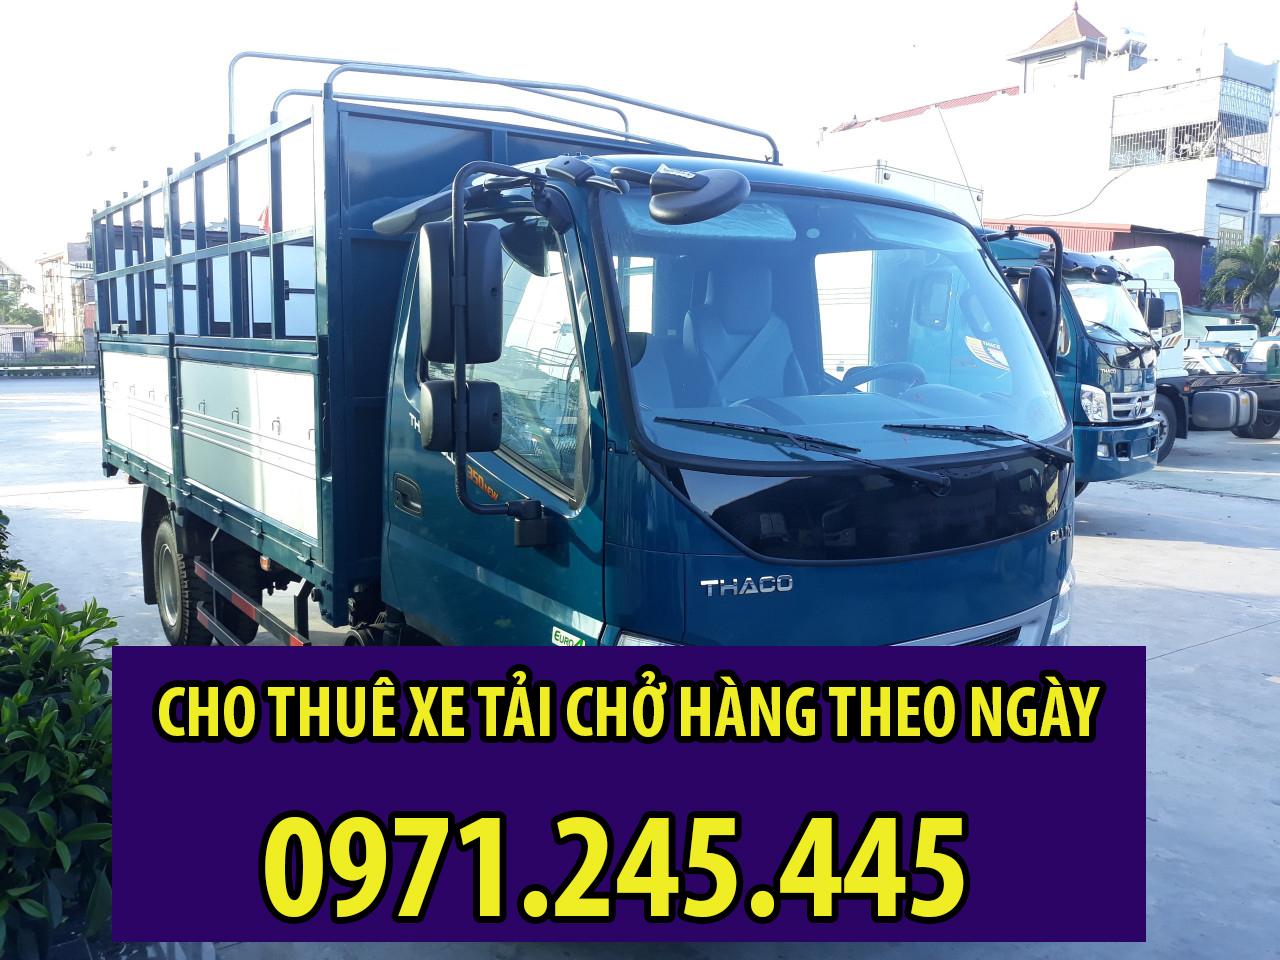 Dịch vụ cho thuê xe tải theo ngày tại Sài Gòn